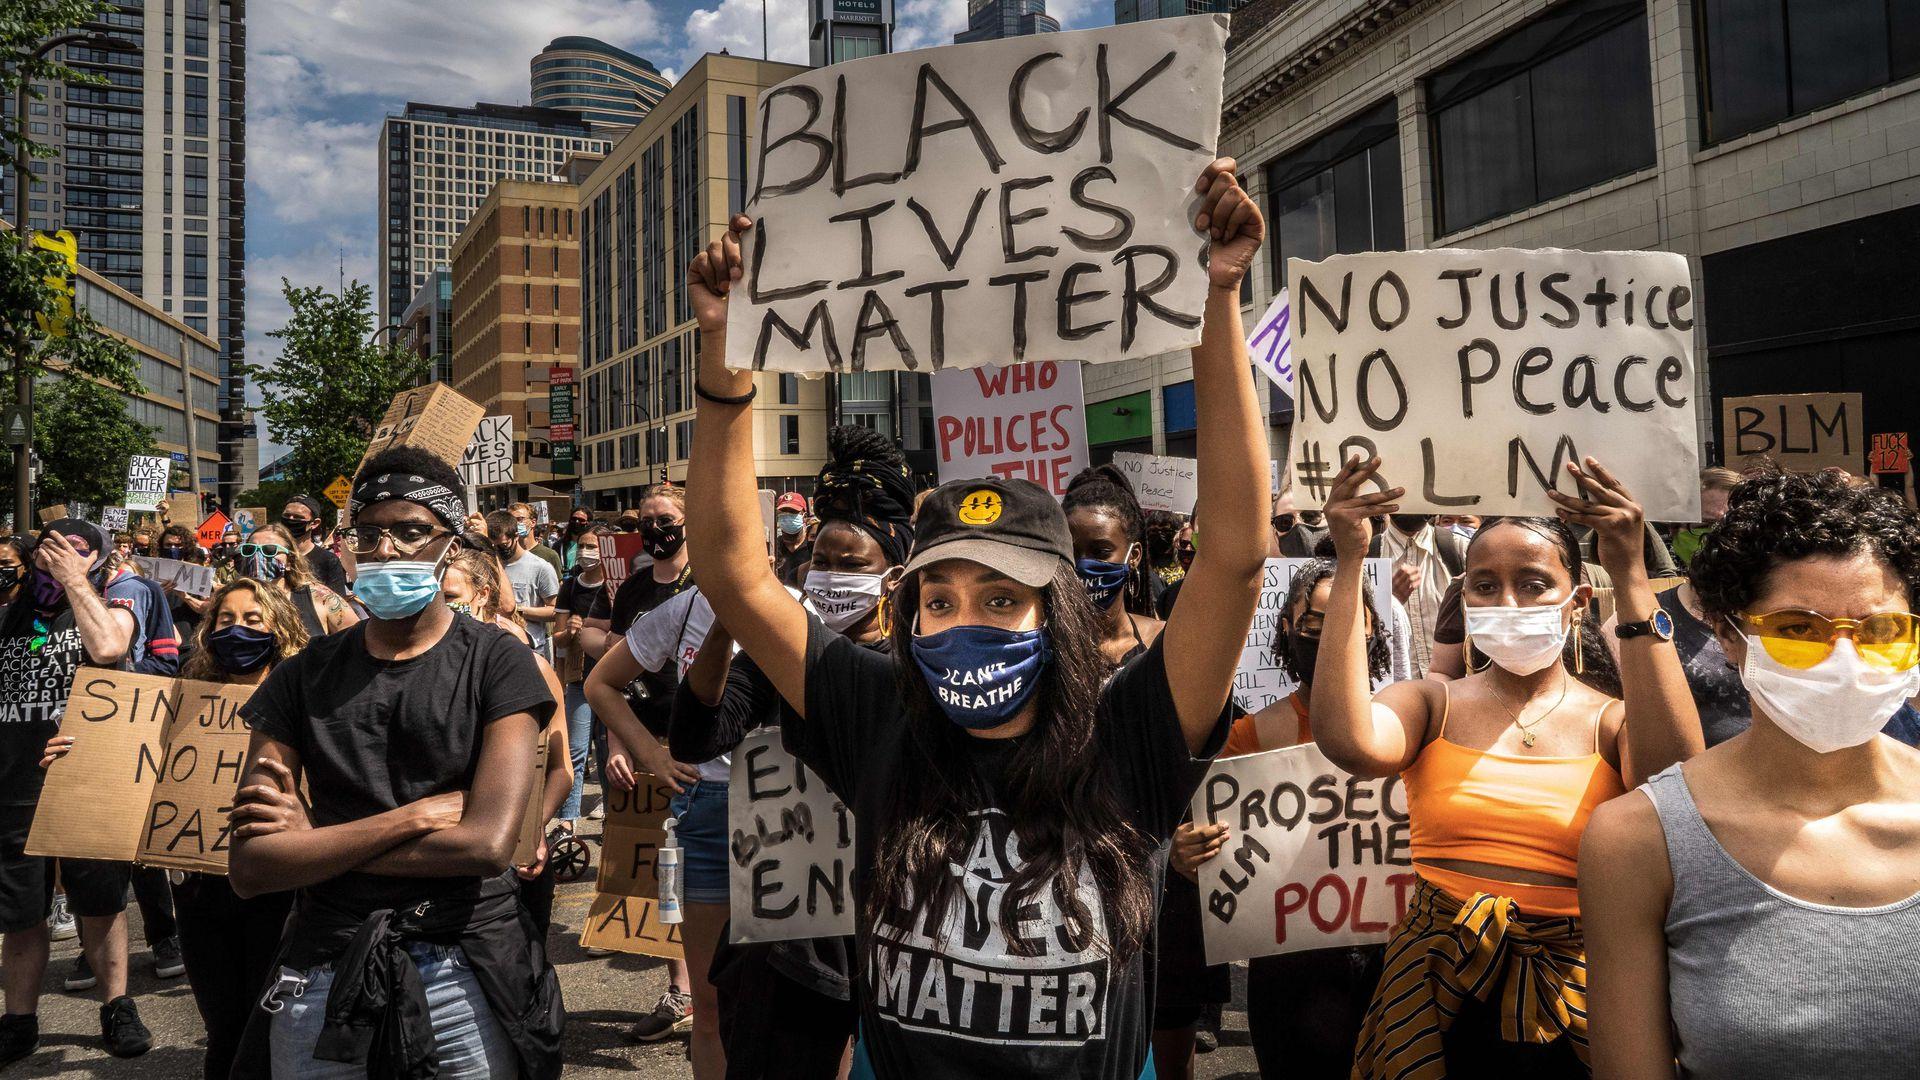 """Denumirea mișcării """"Black Lives Matter"""" nu are absolut nimic de-a face cu drepturile oamenilor care au pielea închisă la […]"""